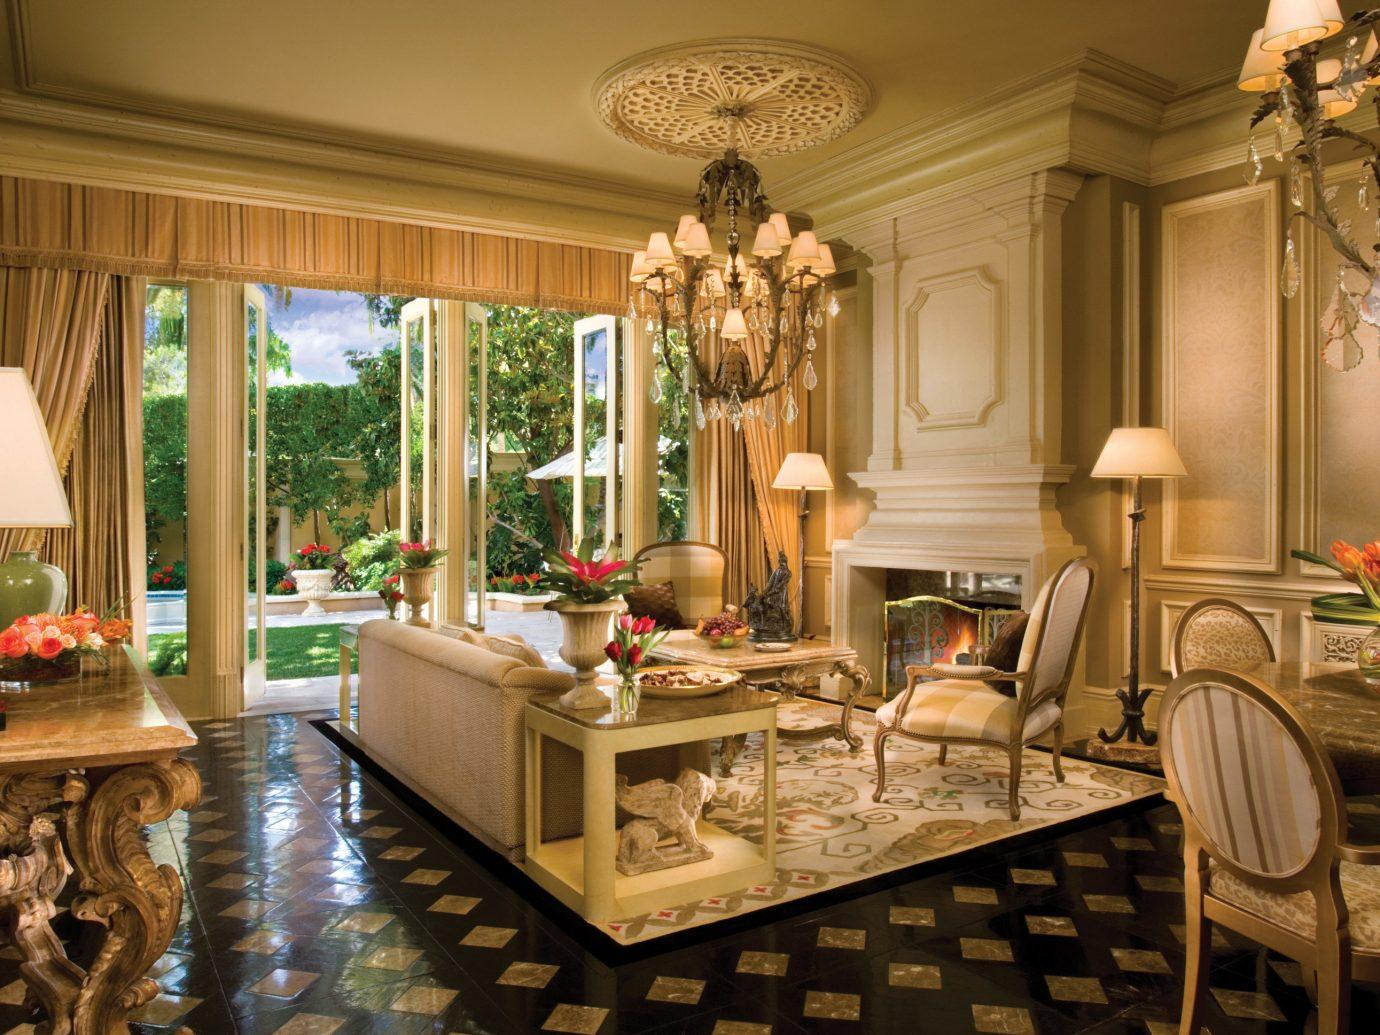 living room in a Three-Bedroom Villa at The Mirage Resort & Casino in Las Vegas